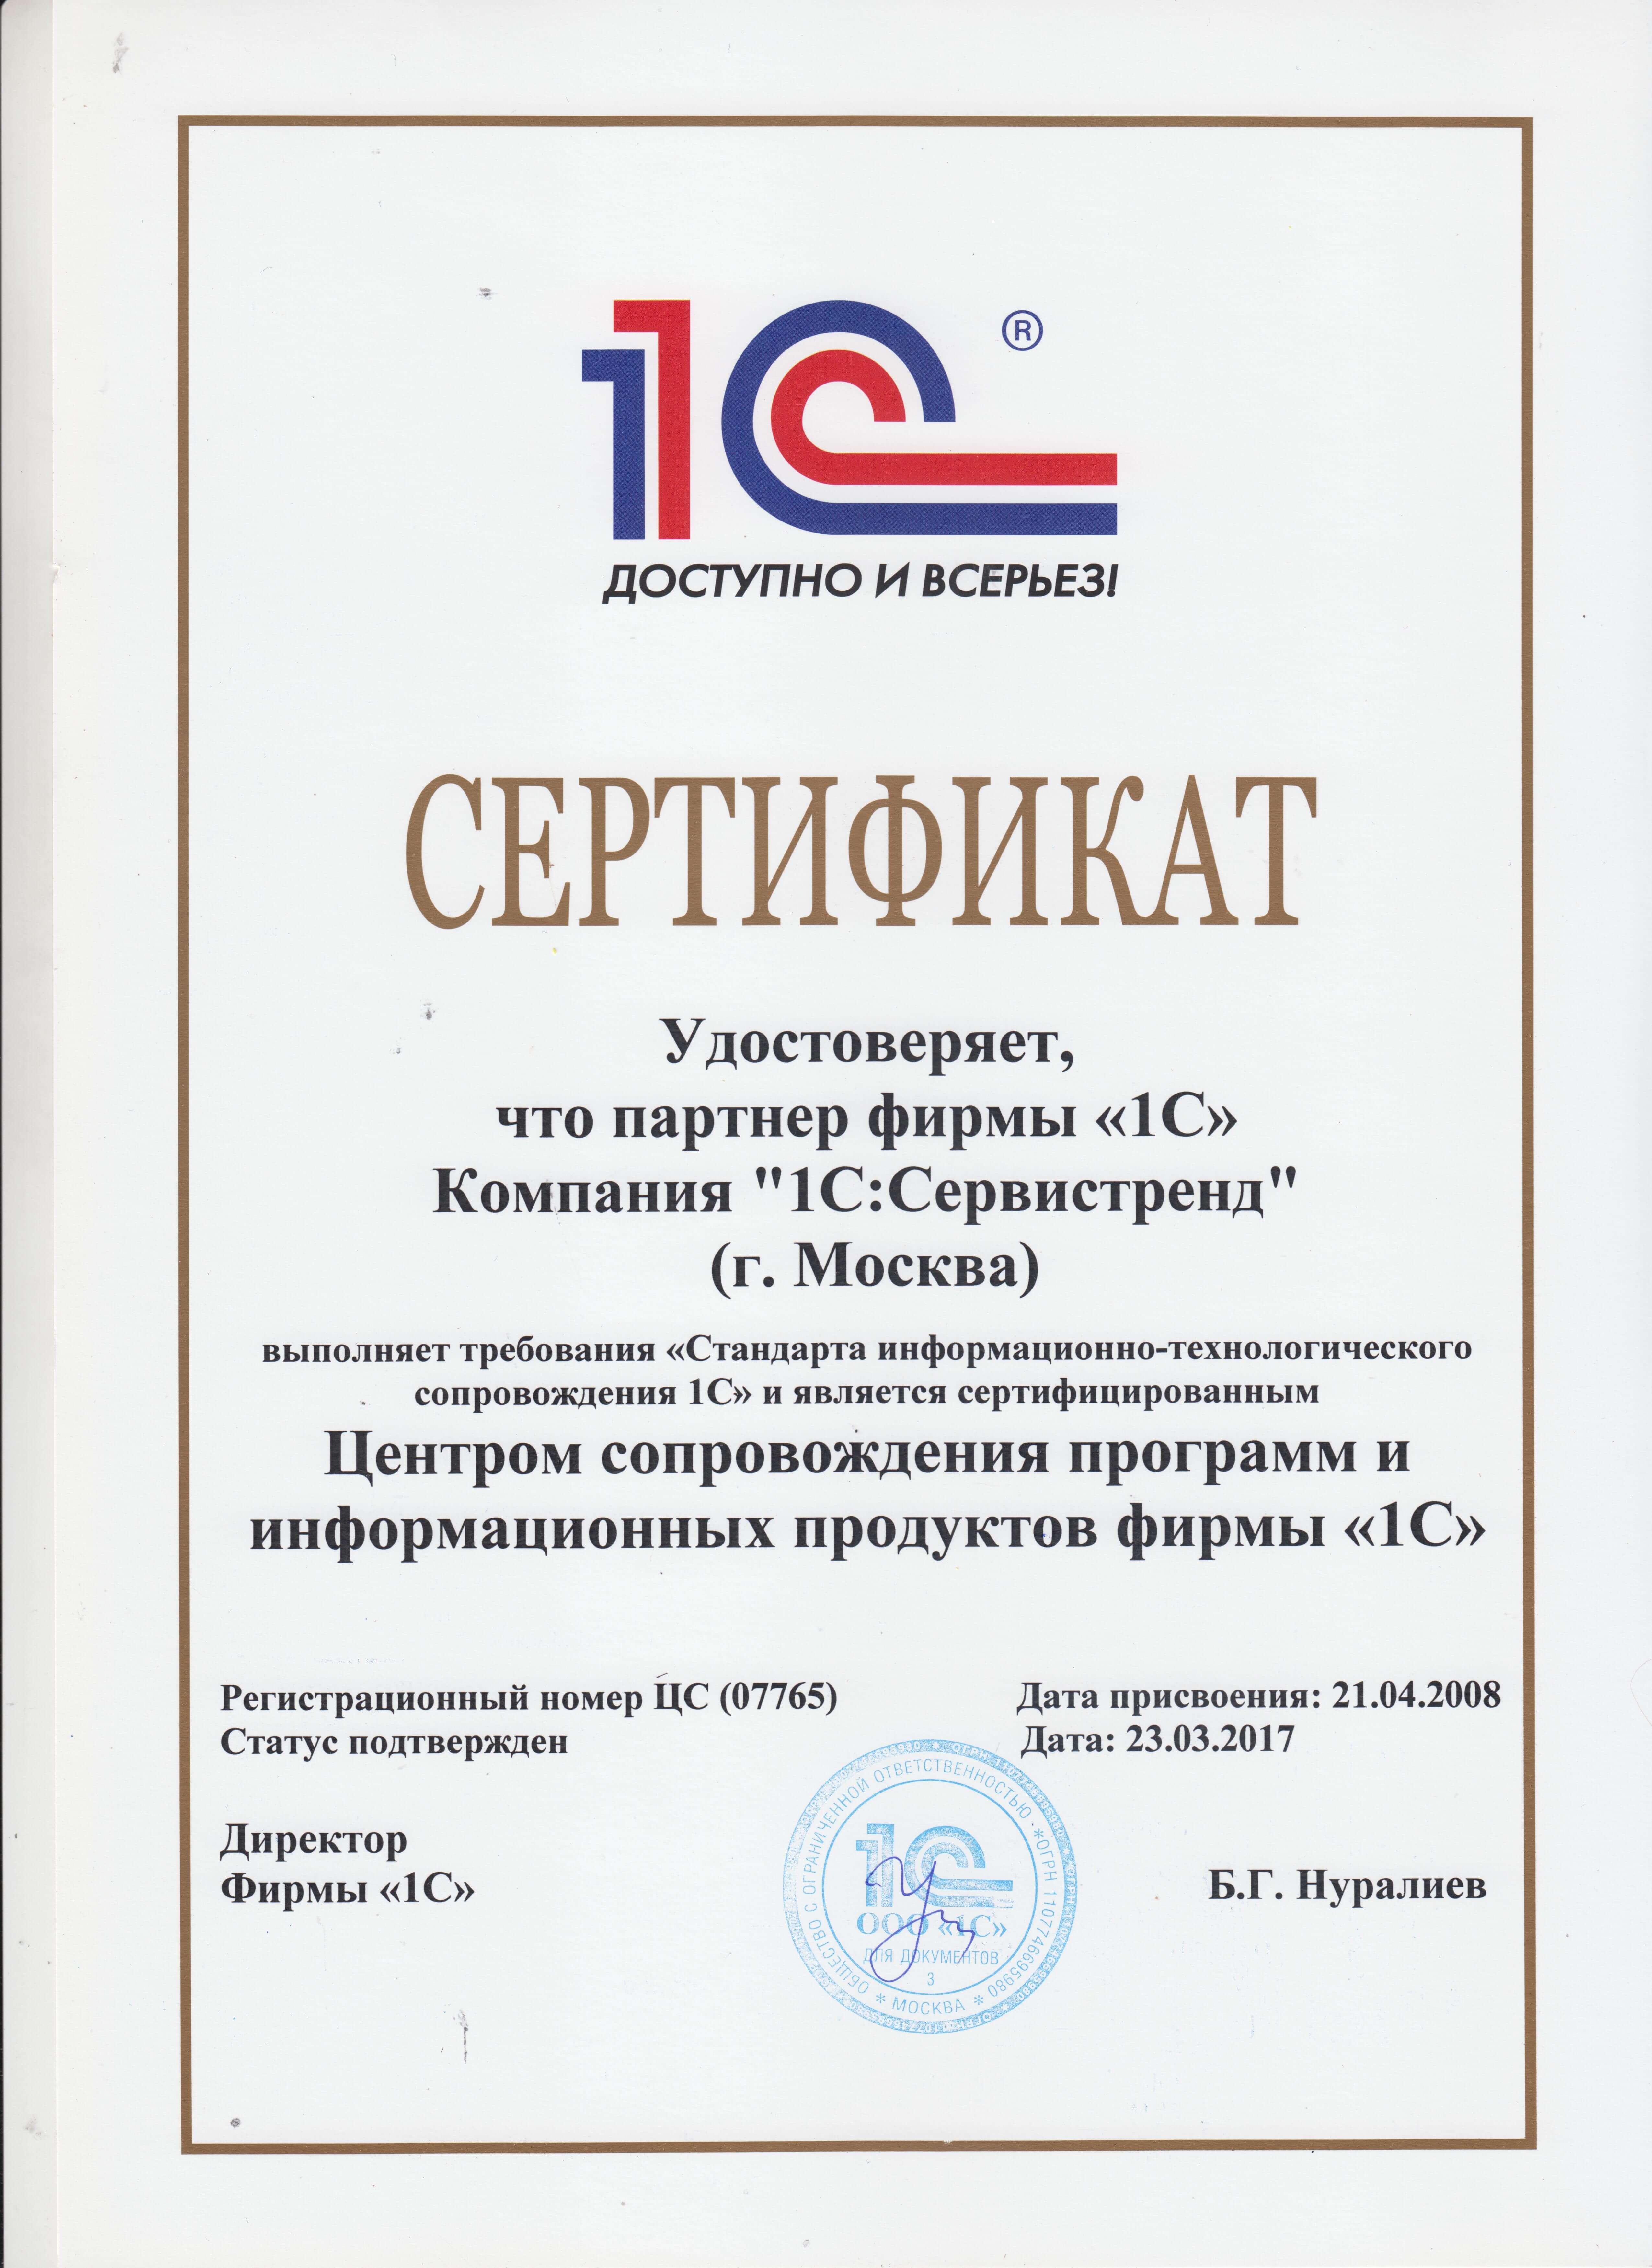 Сертификат Сервистренд - Центр сопровождения программ и информационных продуктов фирмы 1С